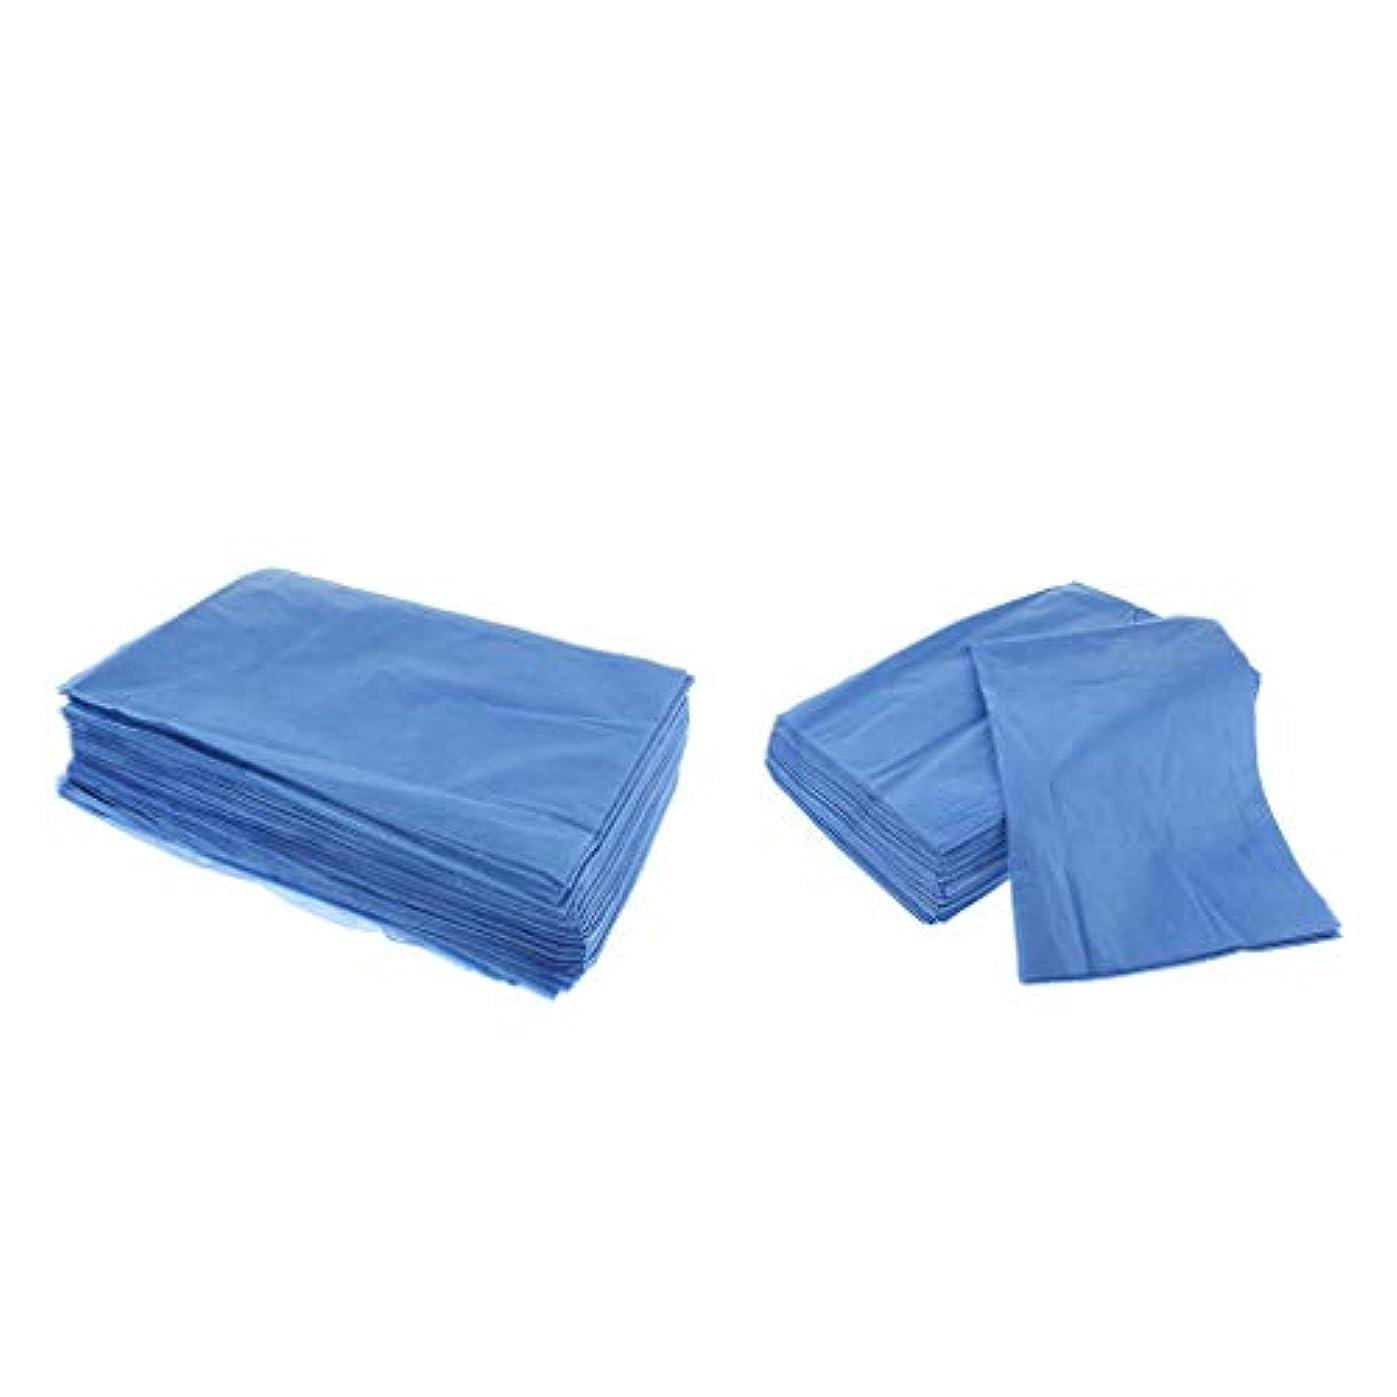 小道具不快魅了するHellery 40ピース/枚/個/枚のパック、失禁用不織布使い捨てシーツ紙、マッサージテーブルシート、フェイシャルビューティー